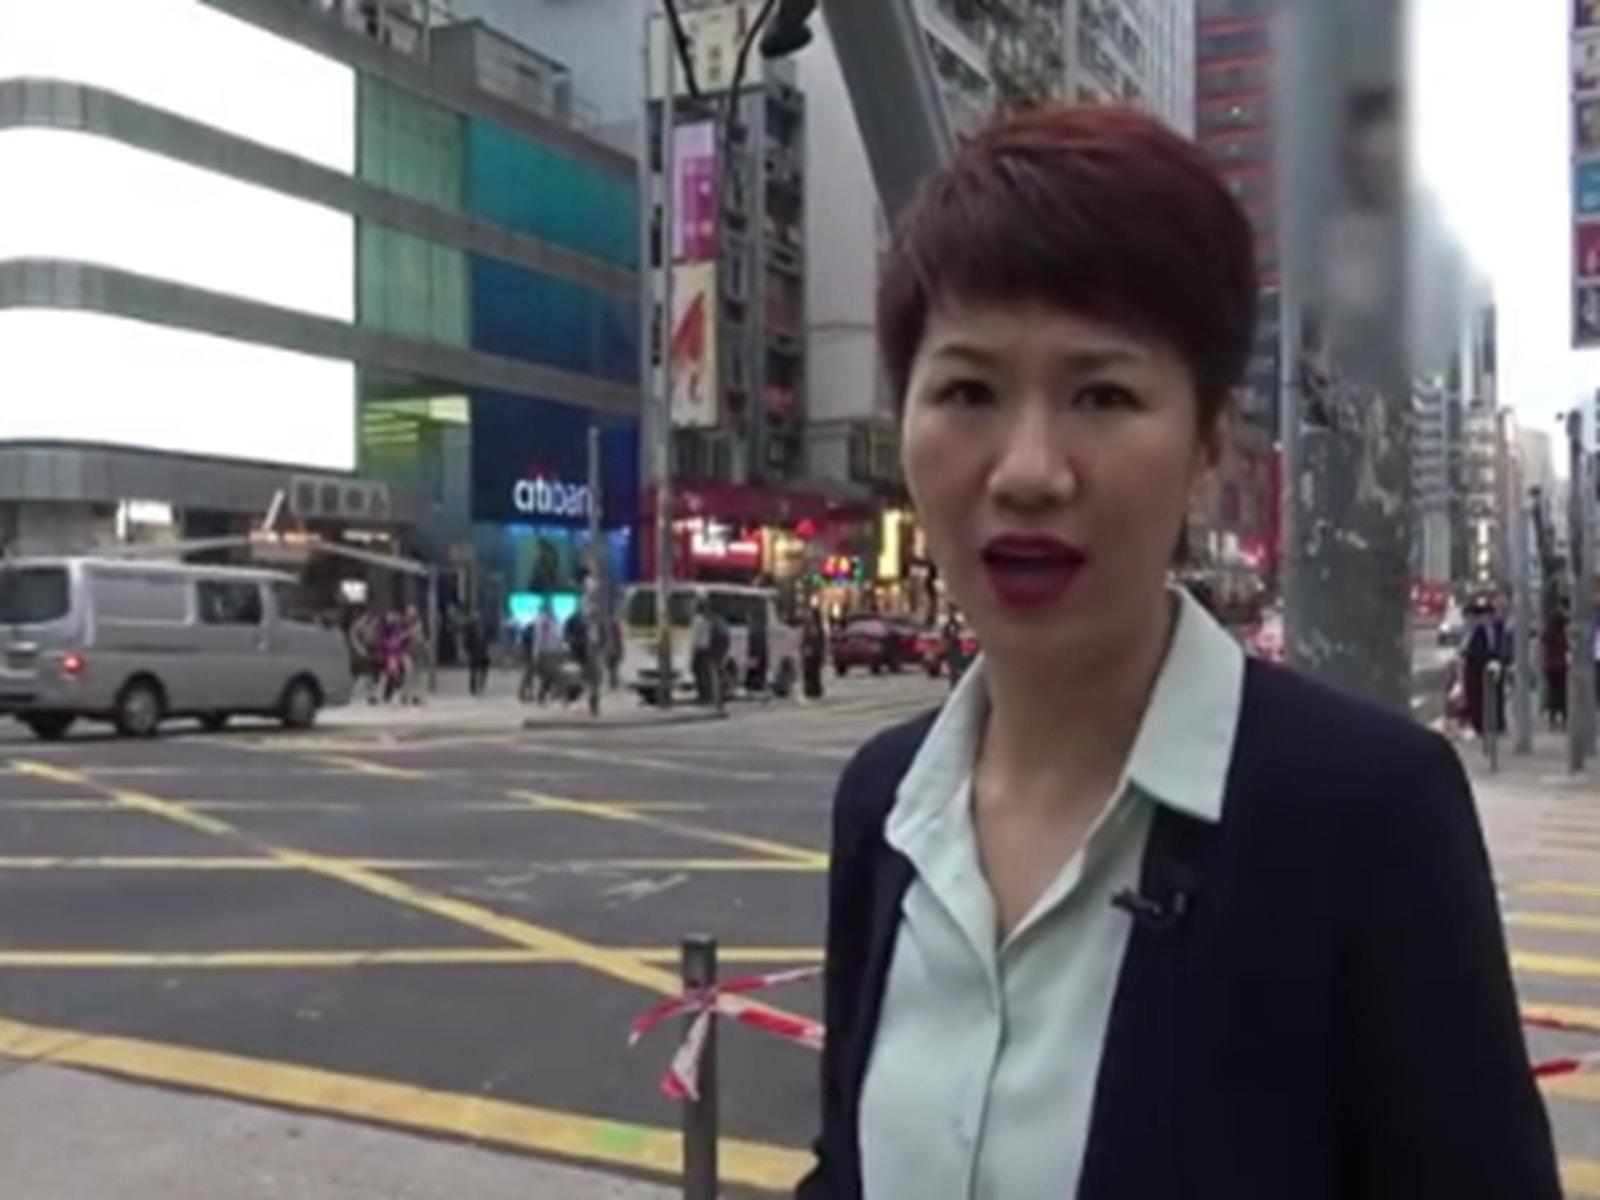 央视女主播刘欣现身香港街头 大发感慨(组图)